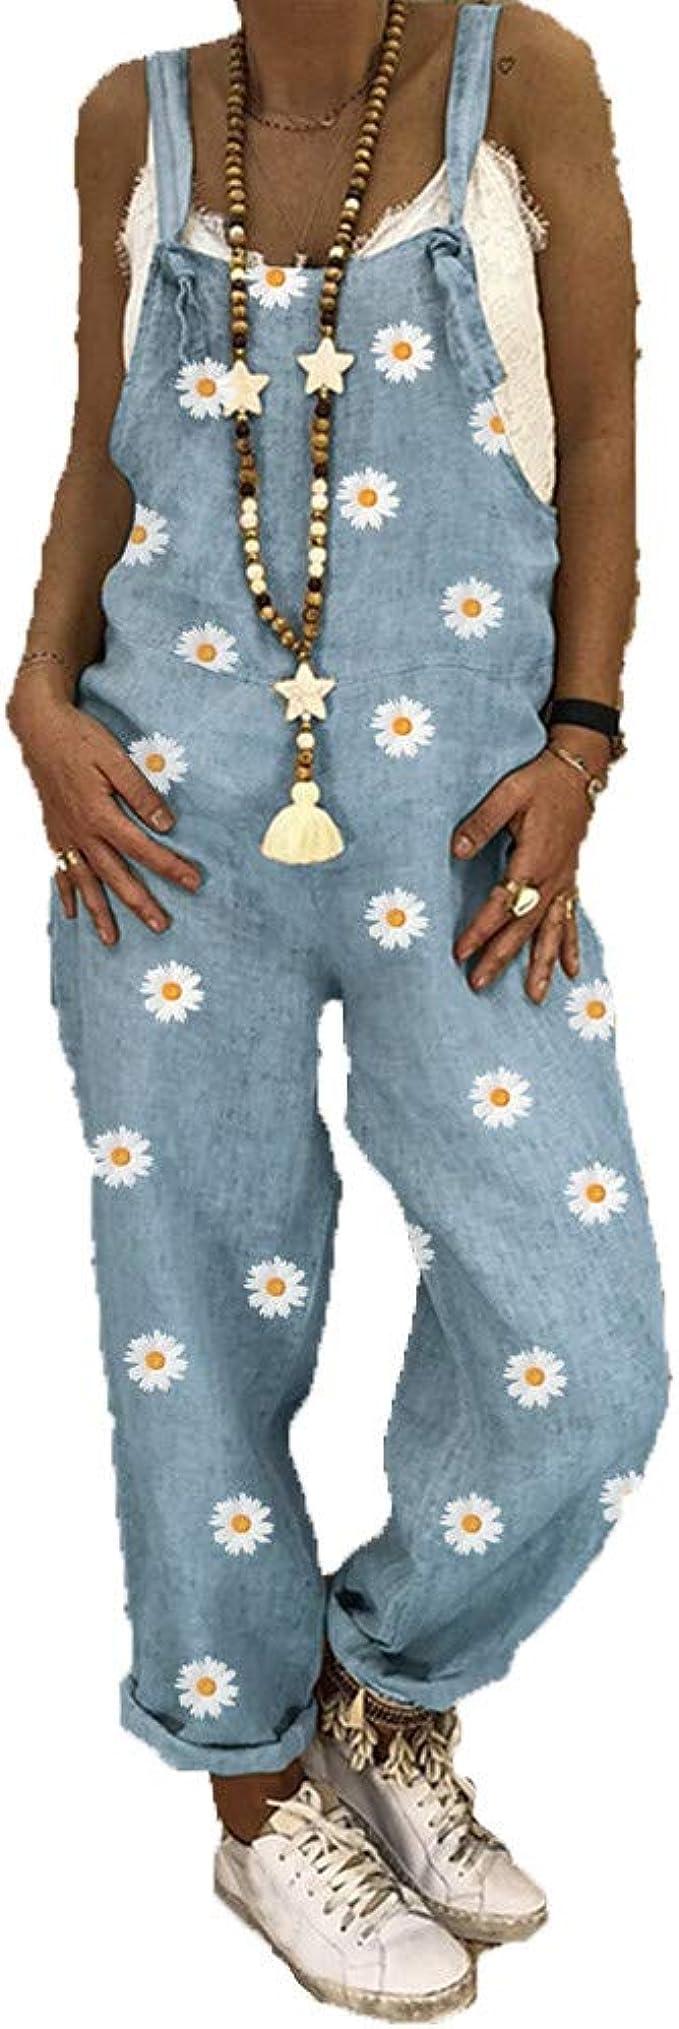 Morbuy Verano Baggy Harem Mono Suelto Moda Bolsillos Overoles Jumpsuit Tirantes Playa Fiesta Noche Oficina Pantalones Embarazados Margaritas Petos de Pantalones Largo Casual para Mujer